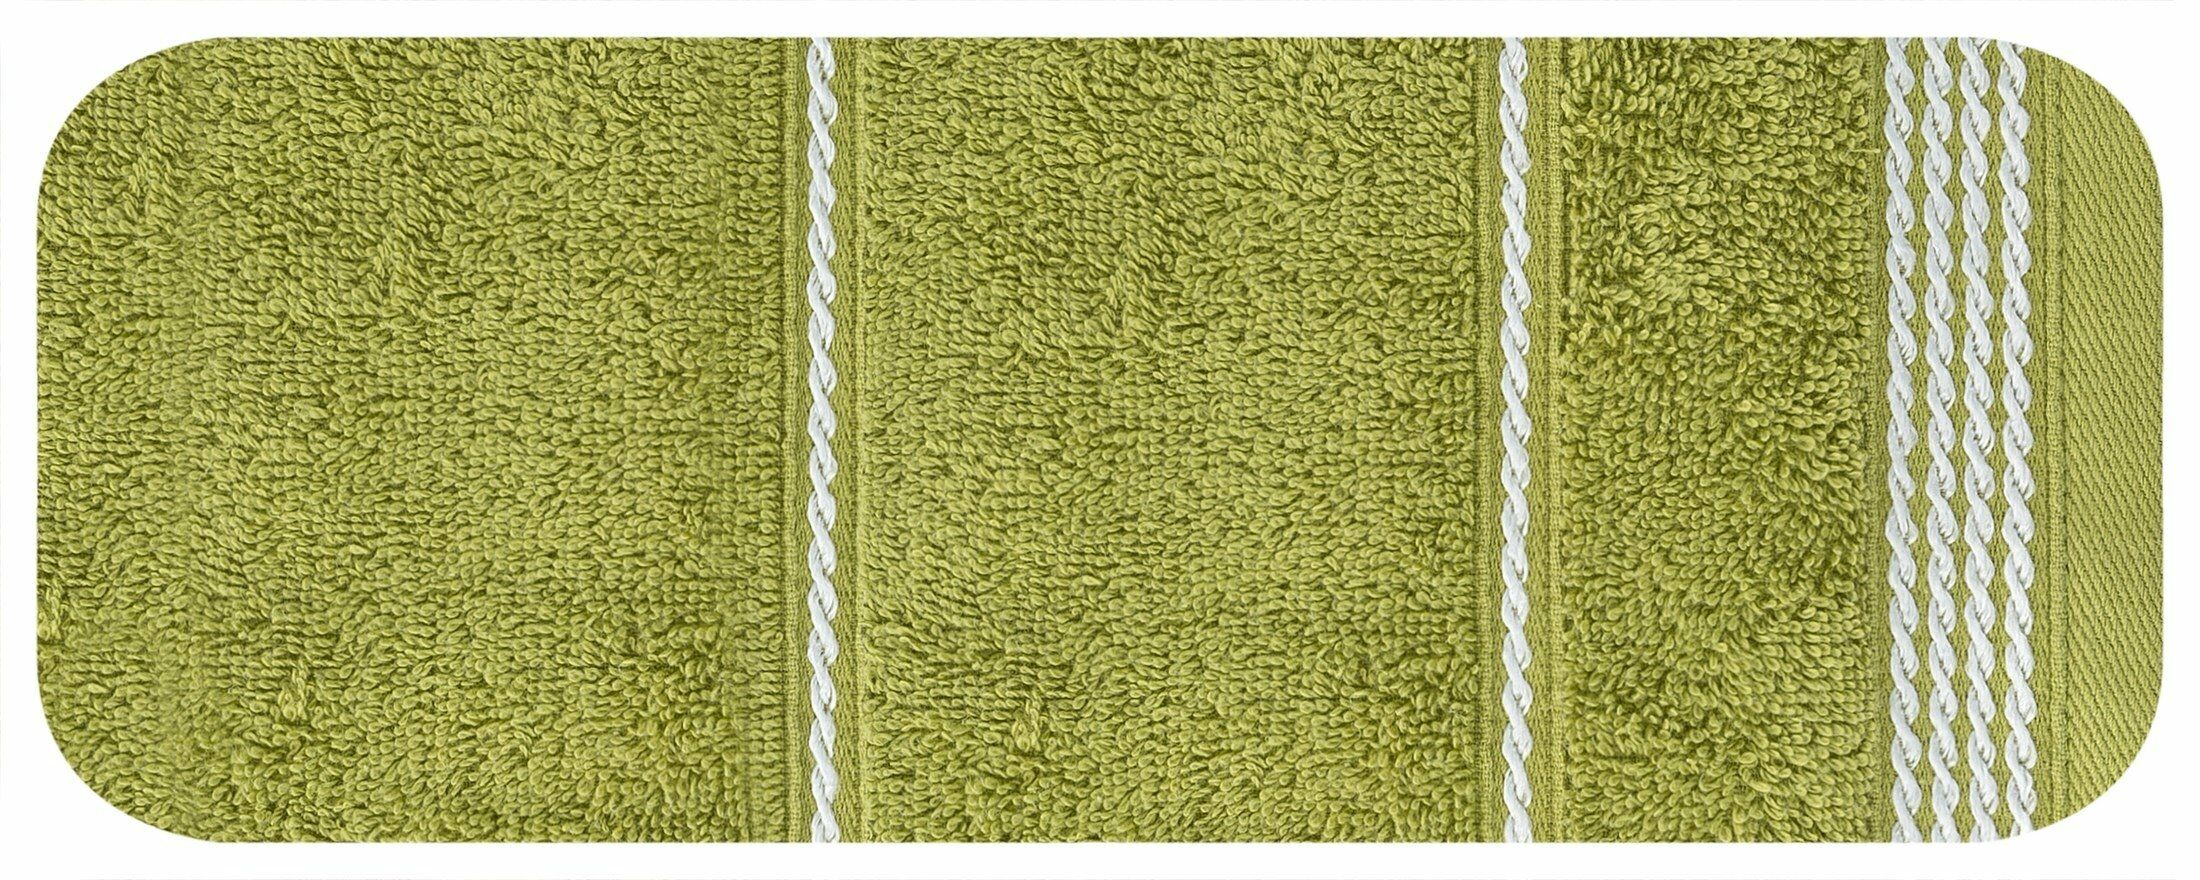 Ręcznik Mira 30x50 zielony 17 frotte 500 g/m2 Eurofirany